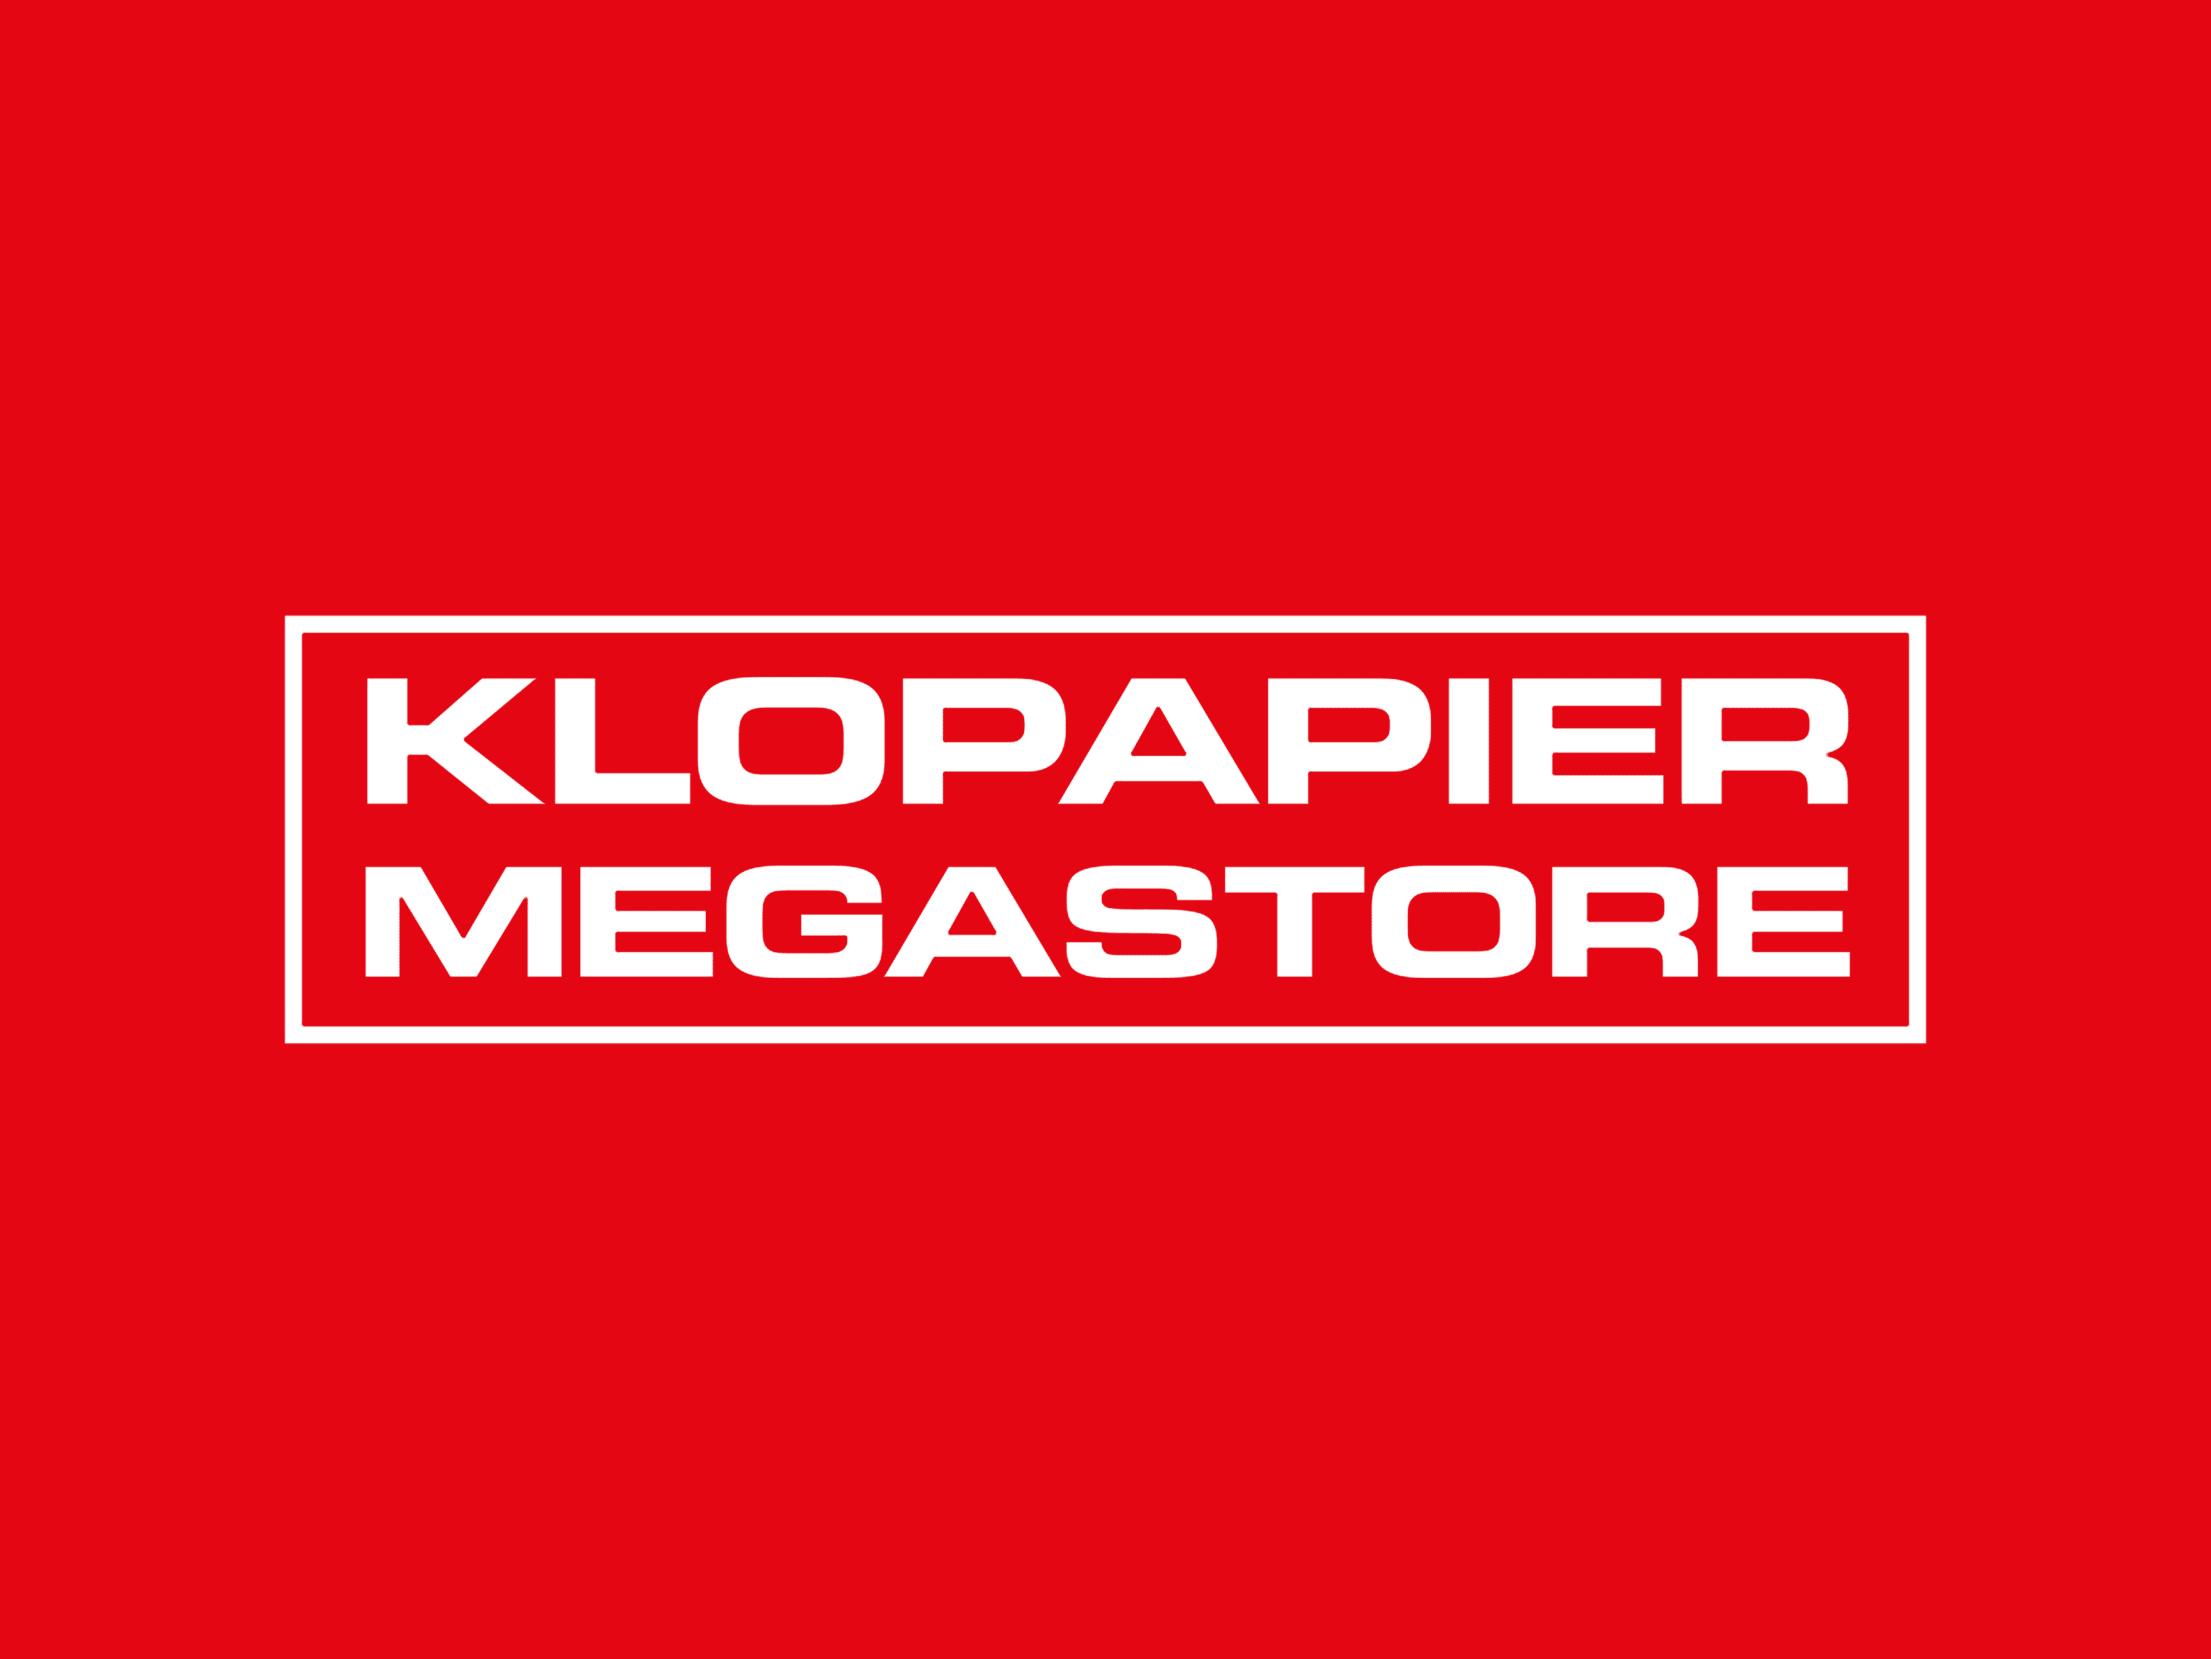 Klopapier Megastore im SPIESS Modehaus Eppingen